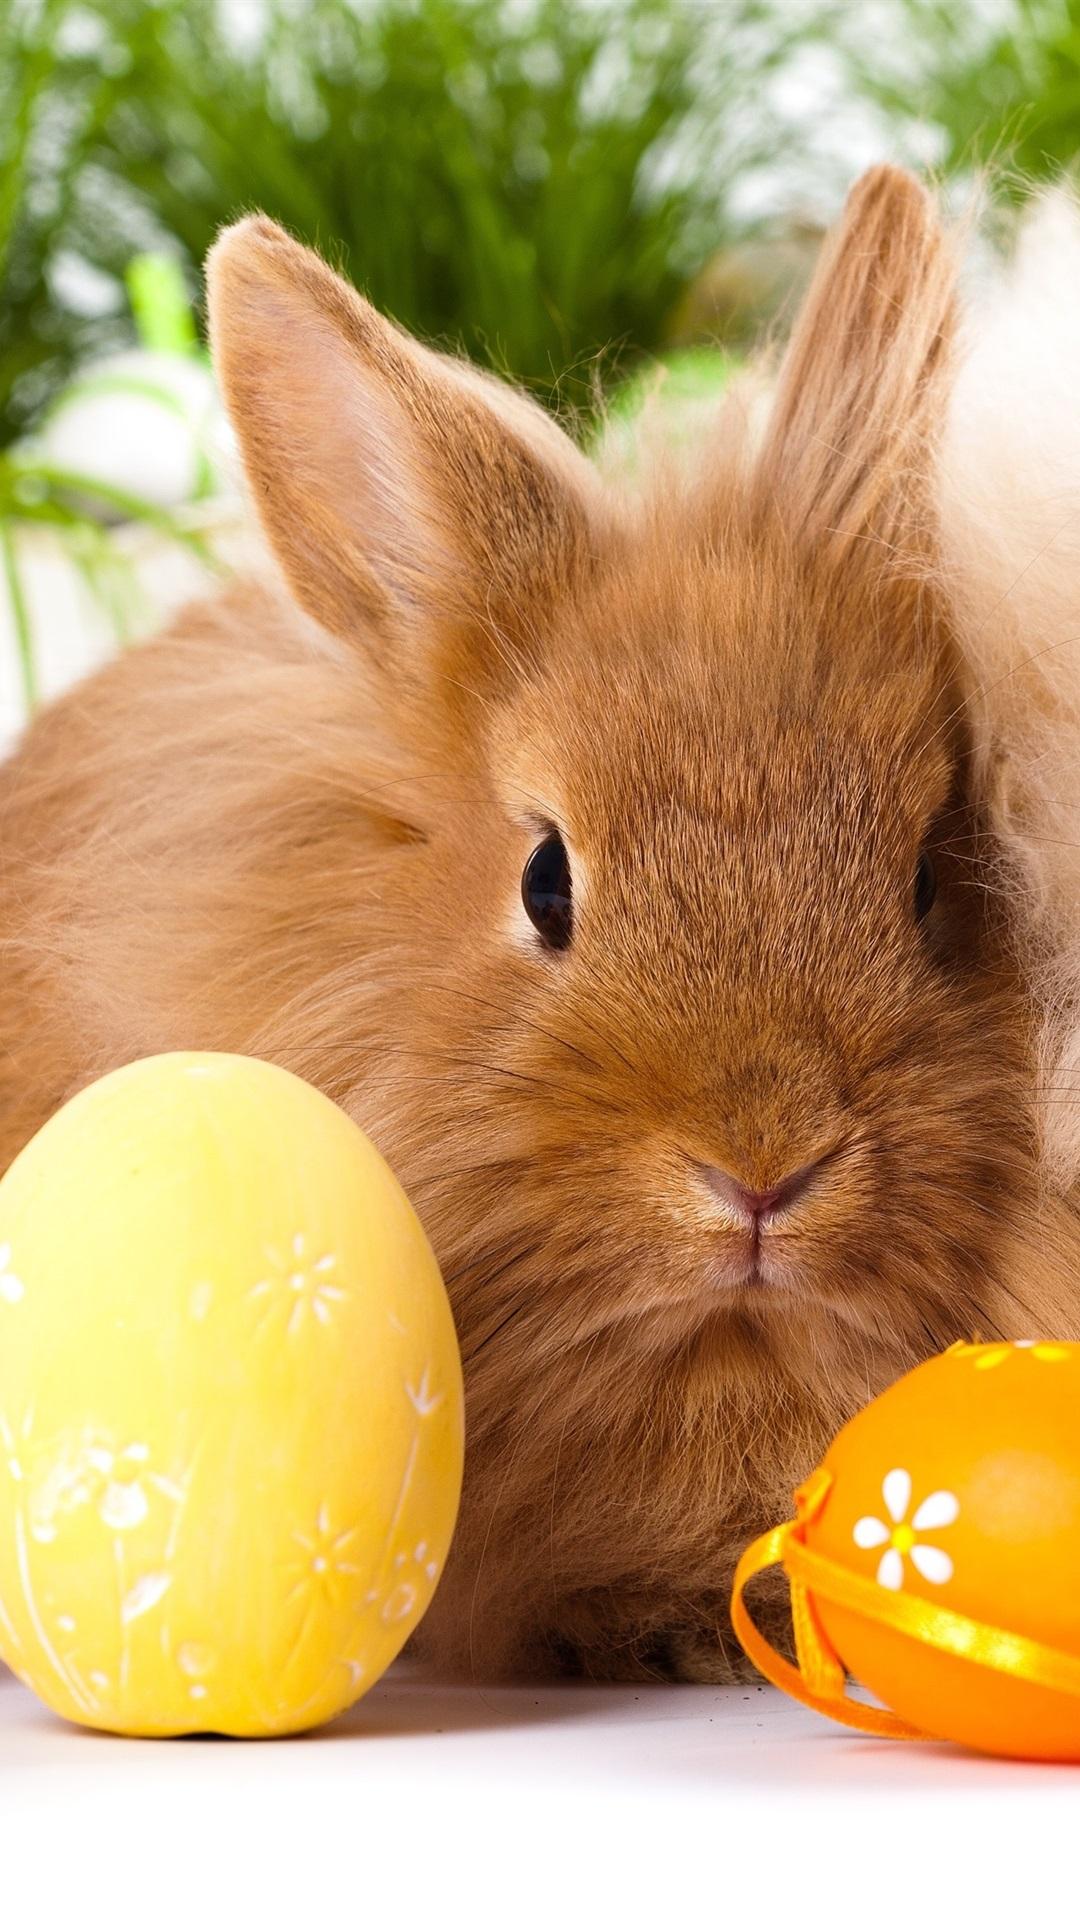 Пасхальный кролик картинки красивые на телефон, картинки поздравления